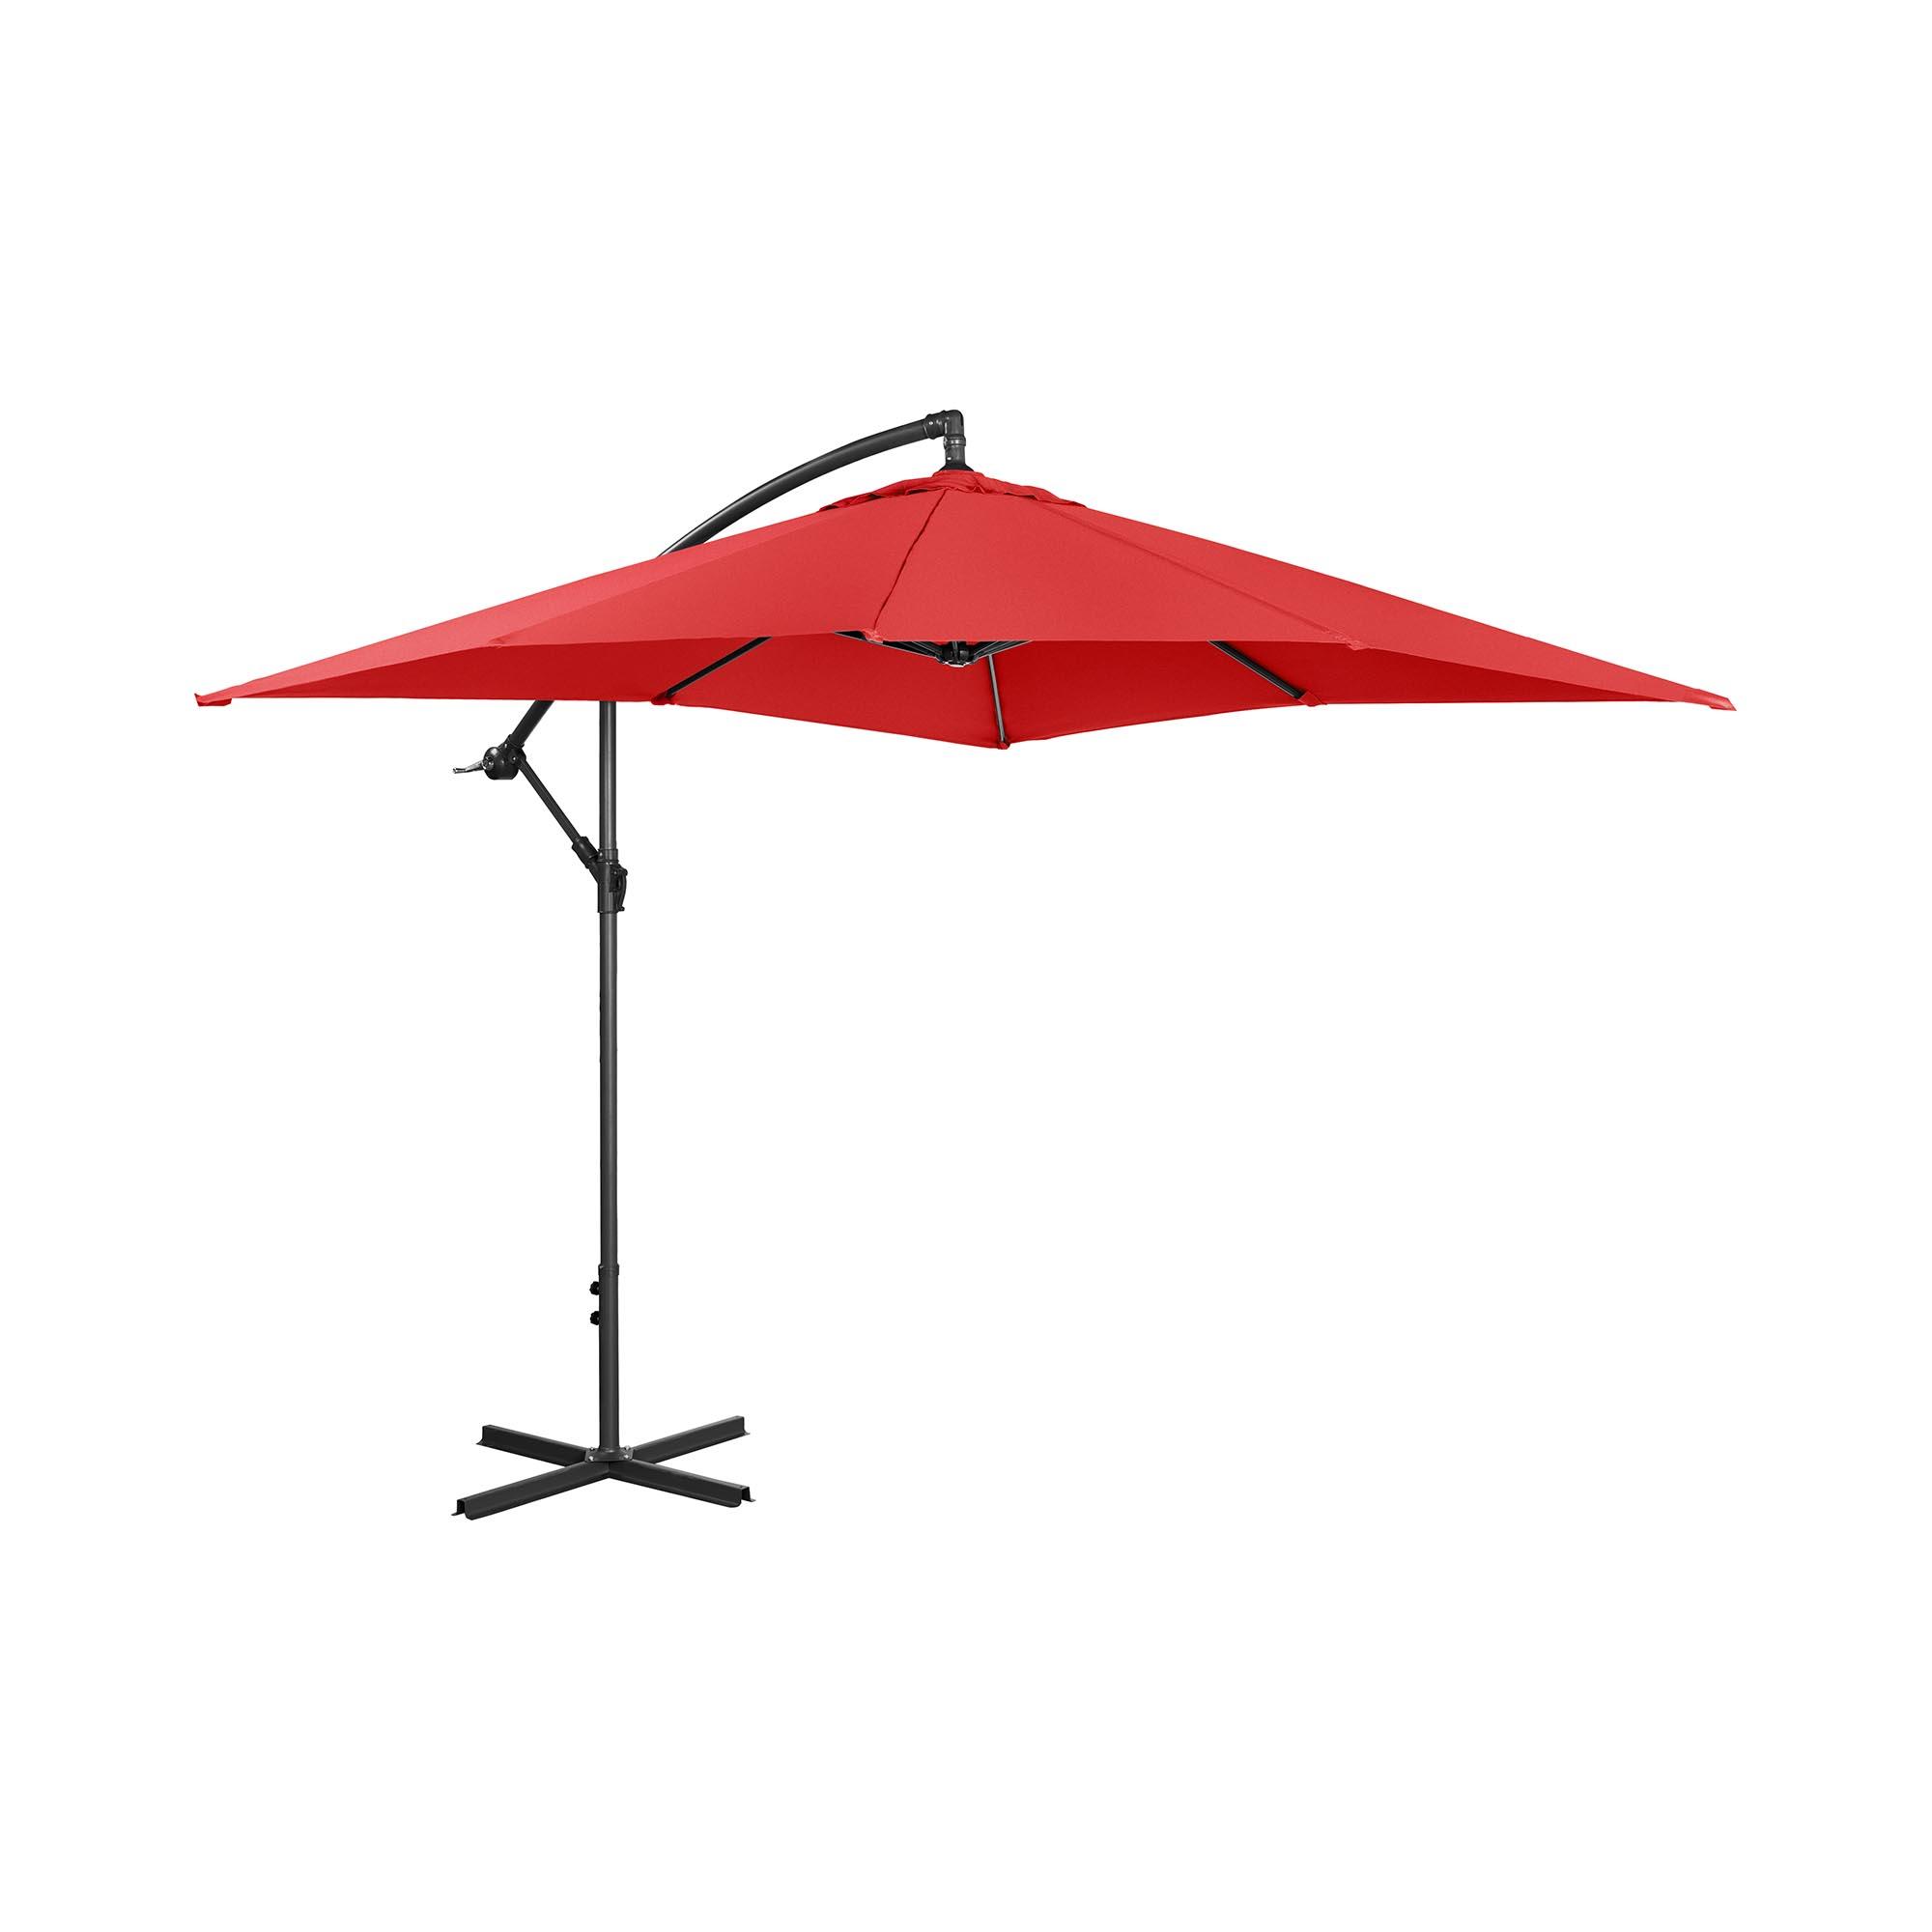 Uniprodo Ampelschirm - rot - rechteckig - 250 x 250 cm - neigbar 10250072